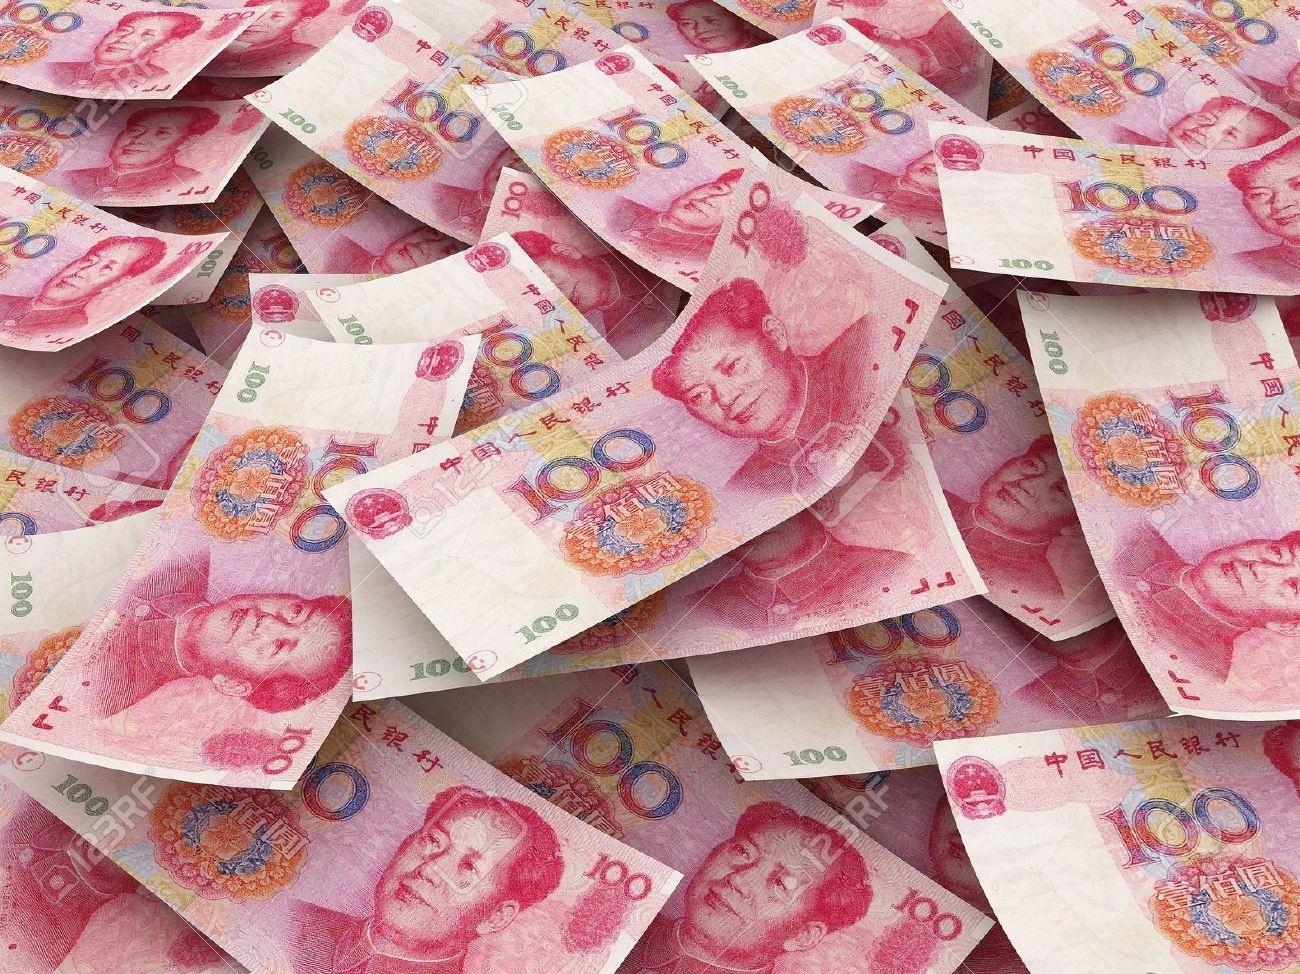 یوان چین جهانی میشود